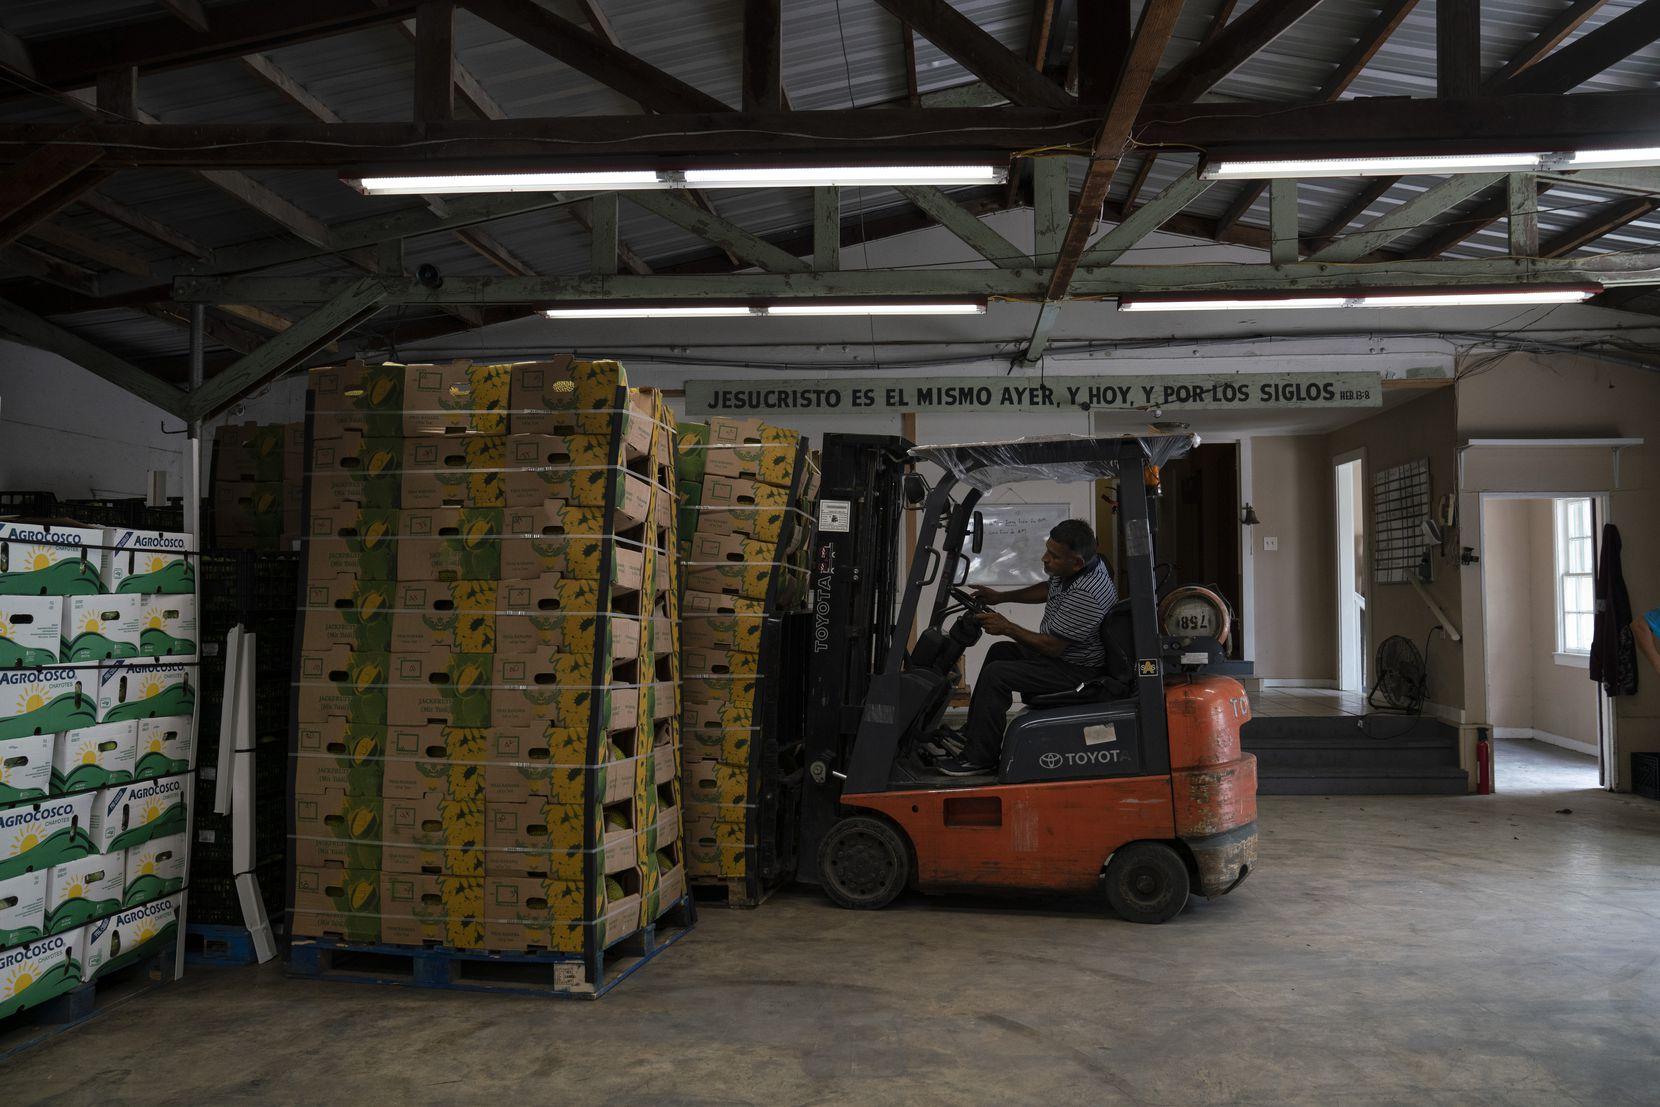 Lucio Ramirez, de 53 años, mueve paquetes con fruta en una bodega en Hidalgo, Texas, que luego serán distribuidos en Reynosa, México.